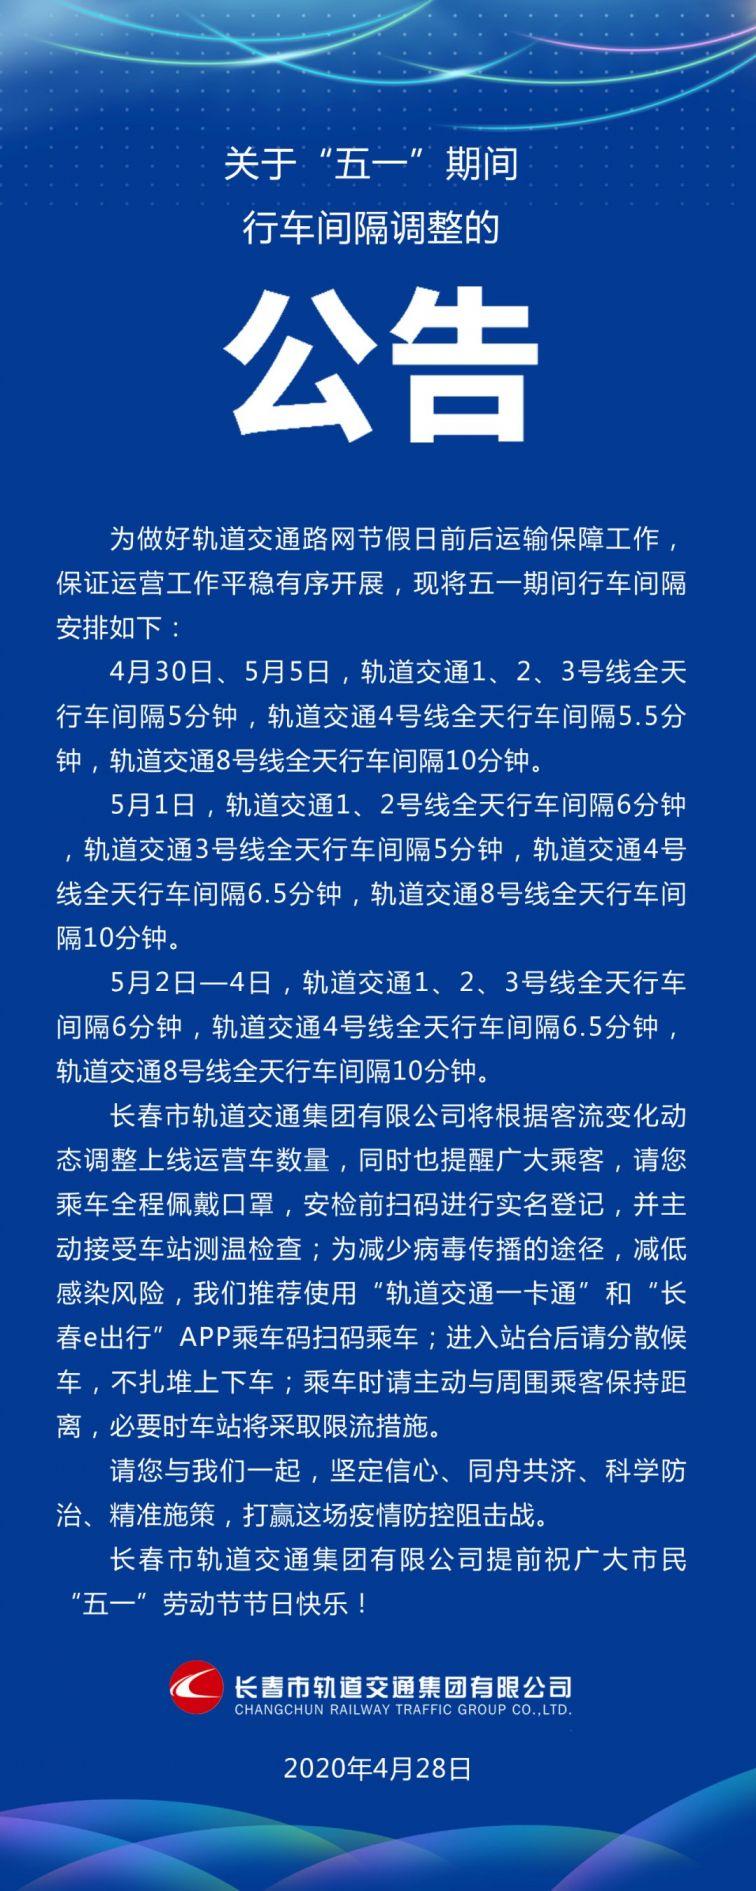 """2020""""五一""""期间 长春轨道交通行车间隔有变化"""